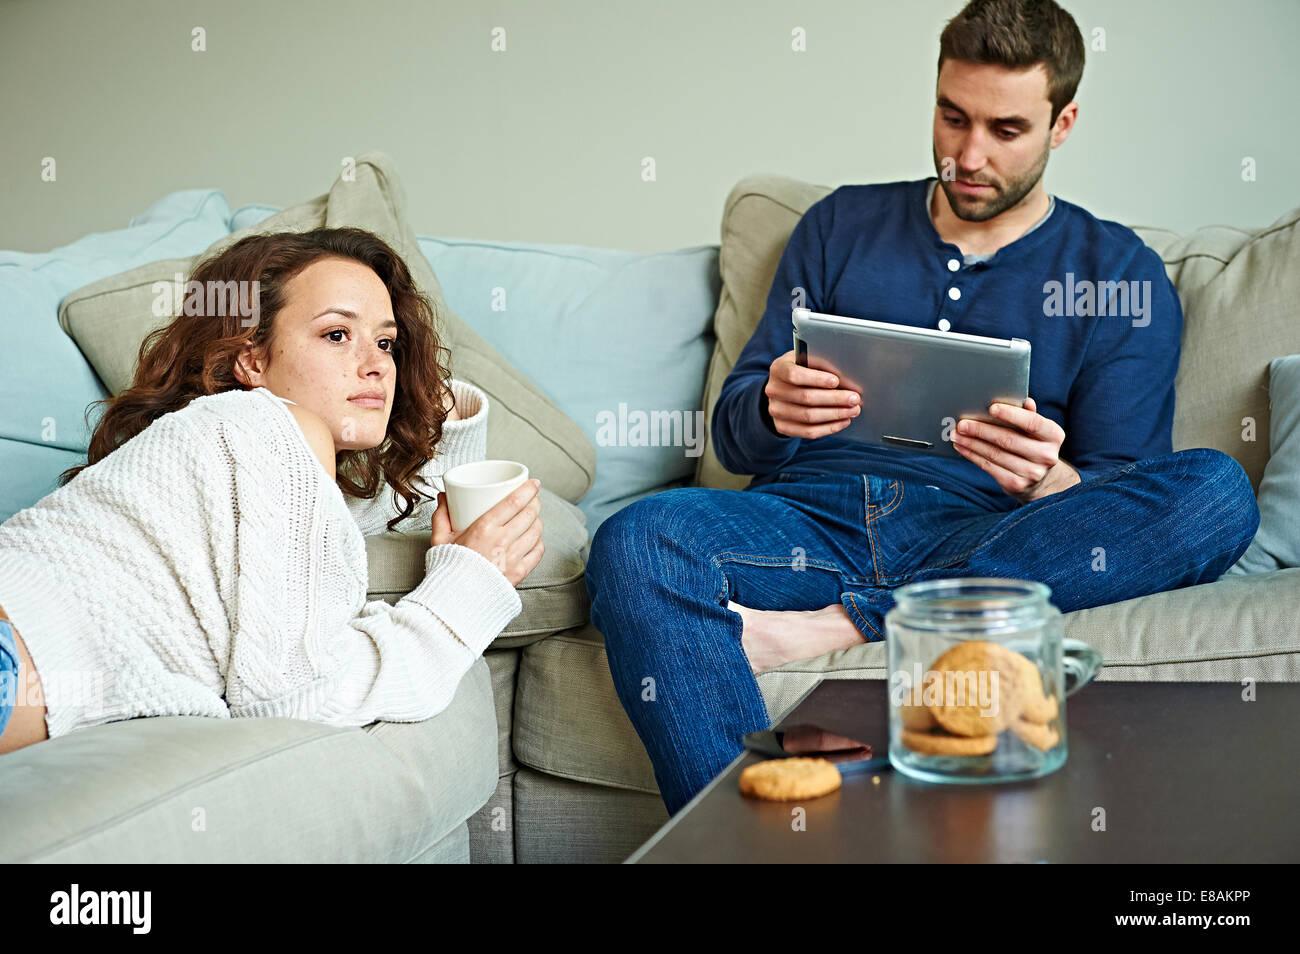 Paar beim eigenen Ruhezeit auf sofa Stockbild